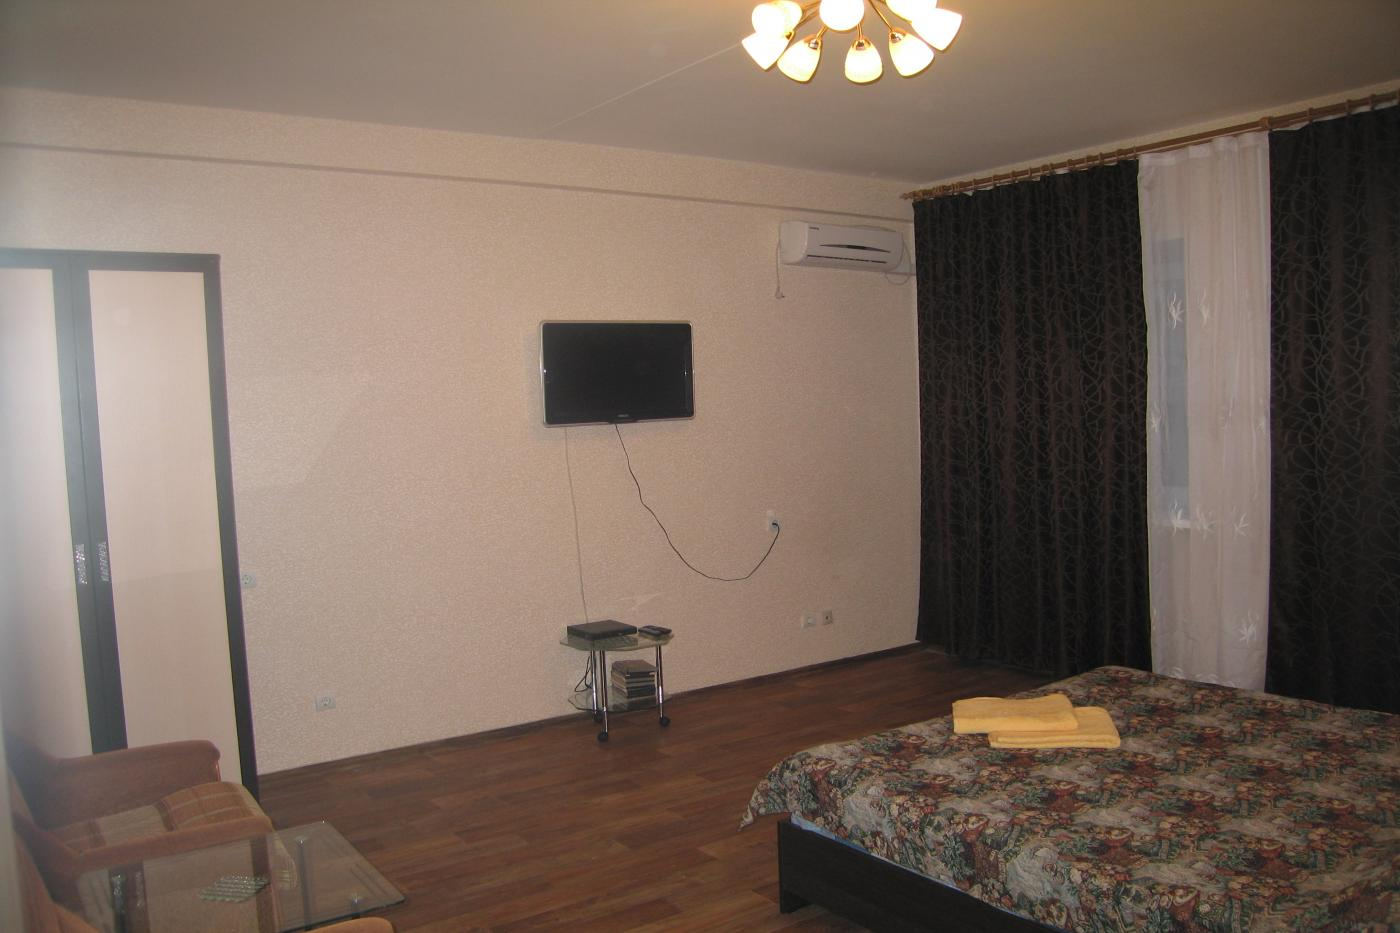 1-комнатная квартира посуточно (вариант № 2607), ул. лизюкова улица, фото № 5